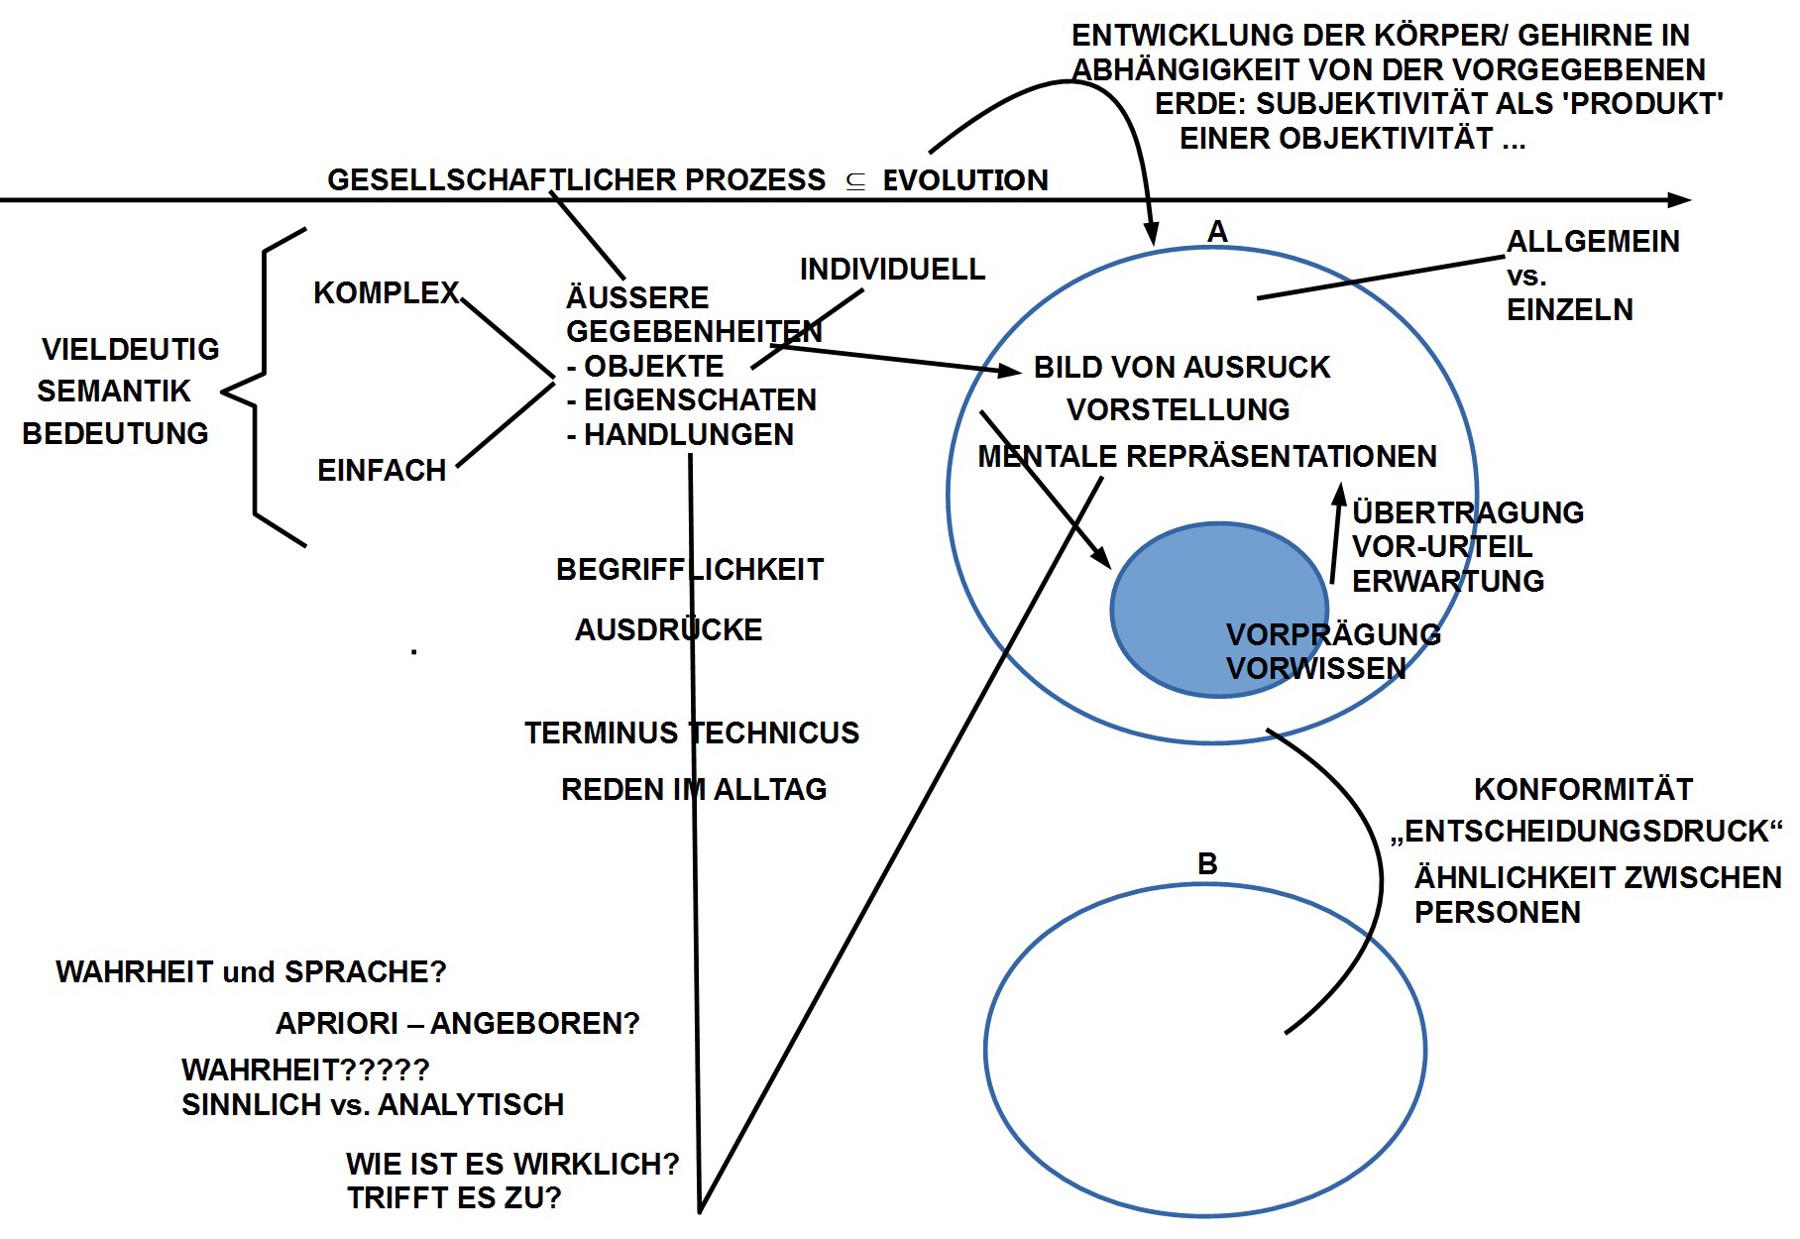 Begriffe in einem beginnenden Zusammenhang, Umrisse einer Struktur